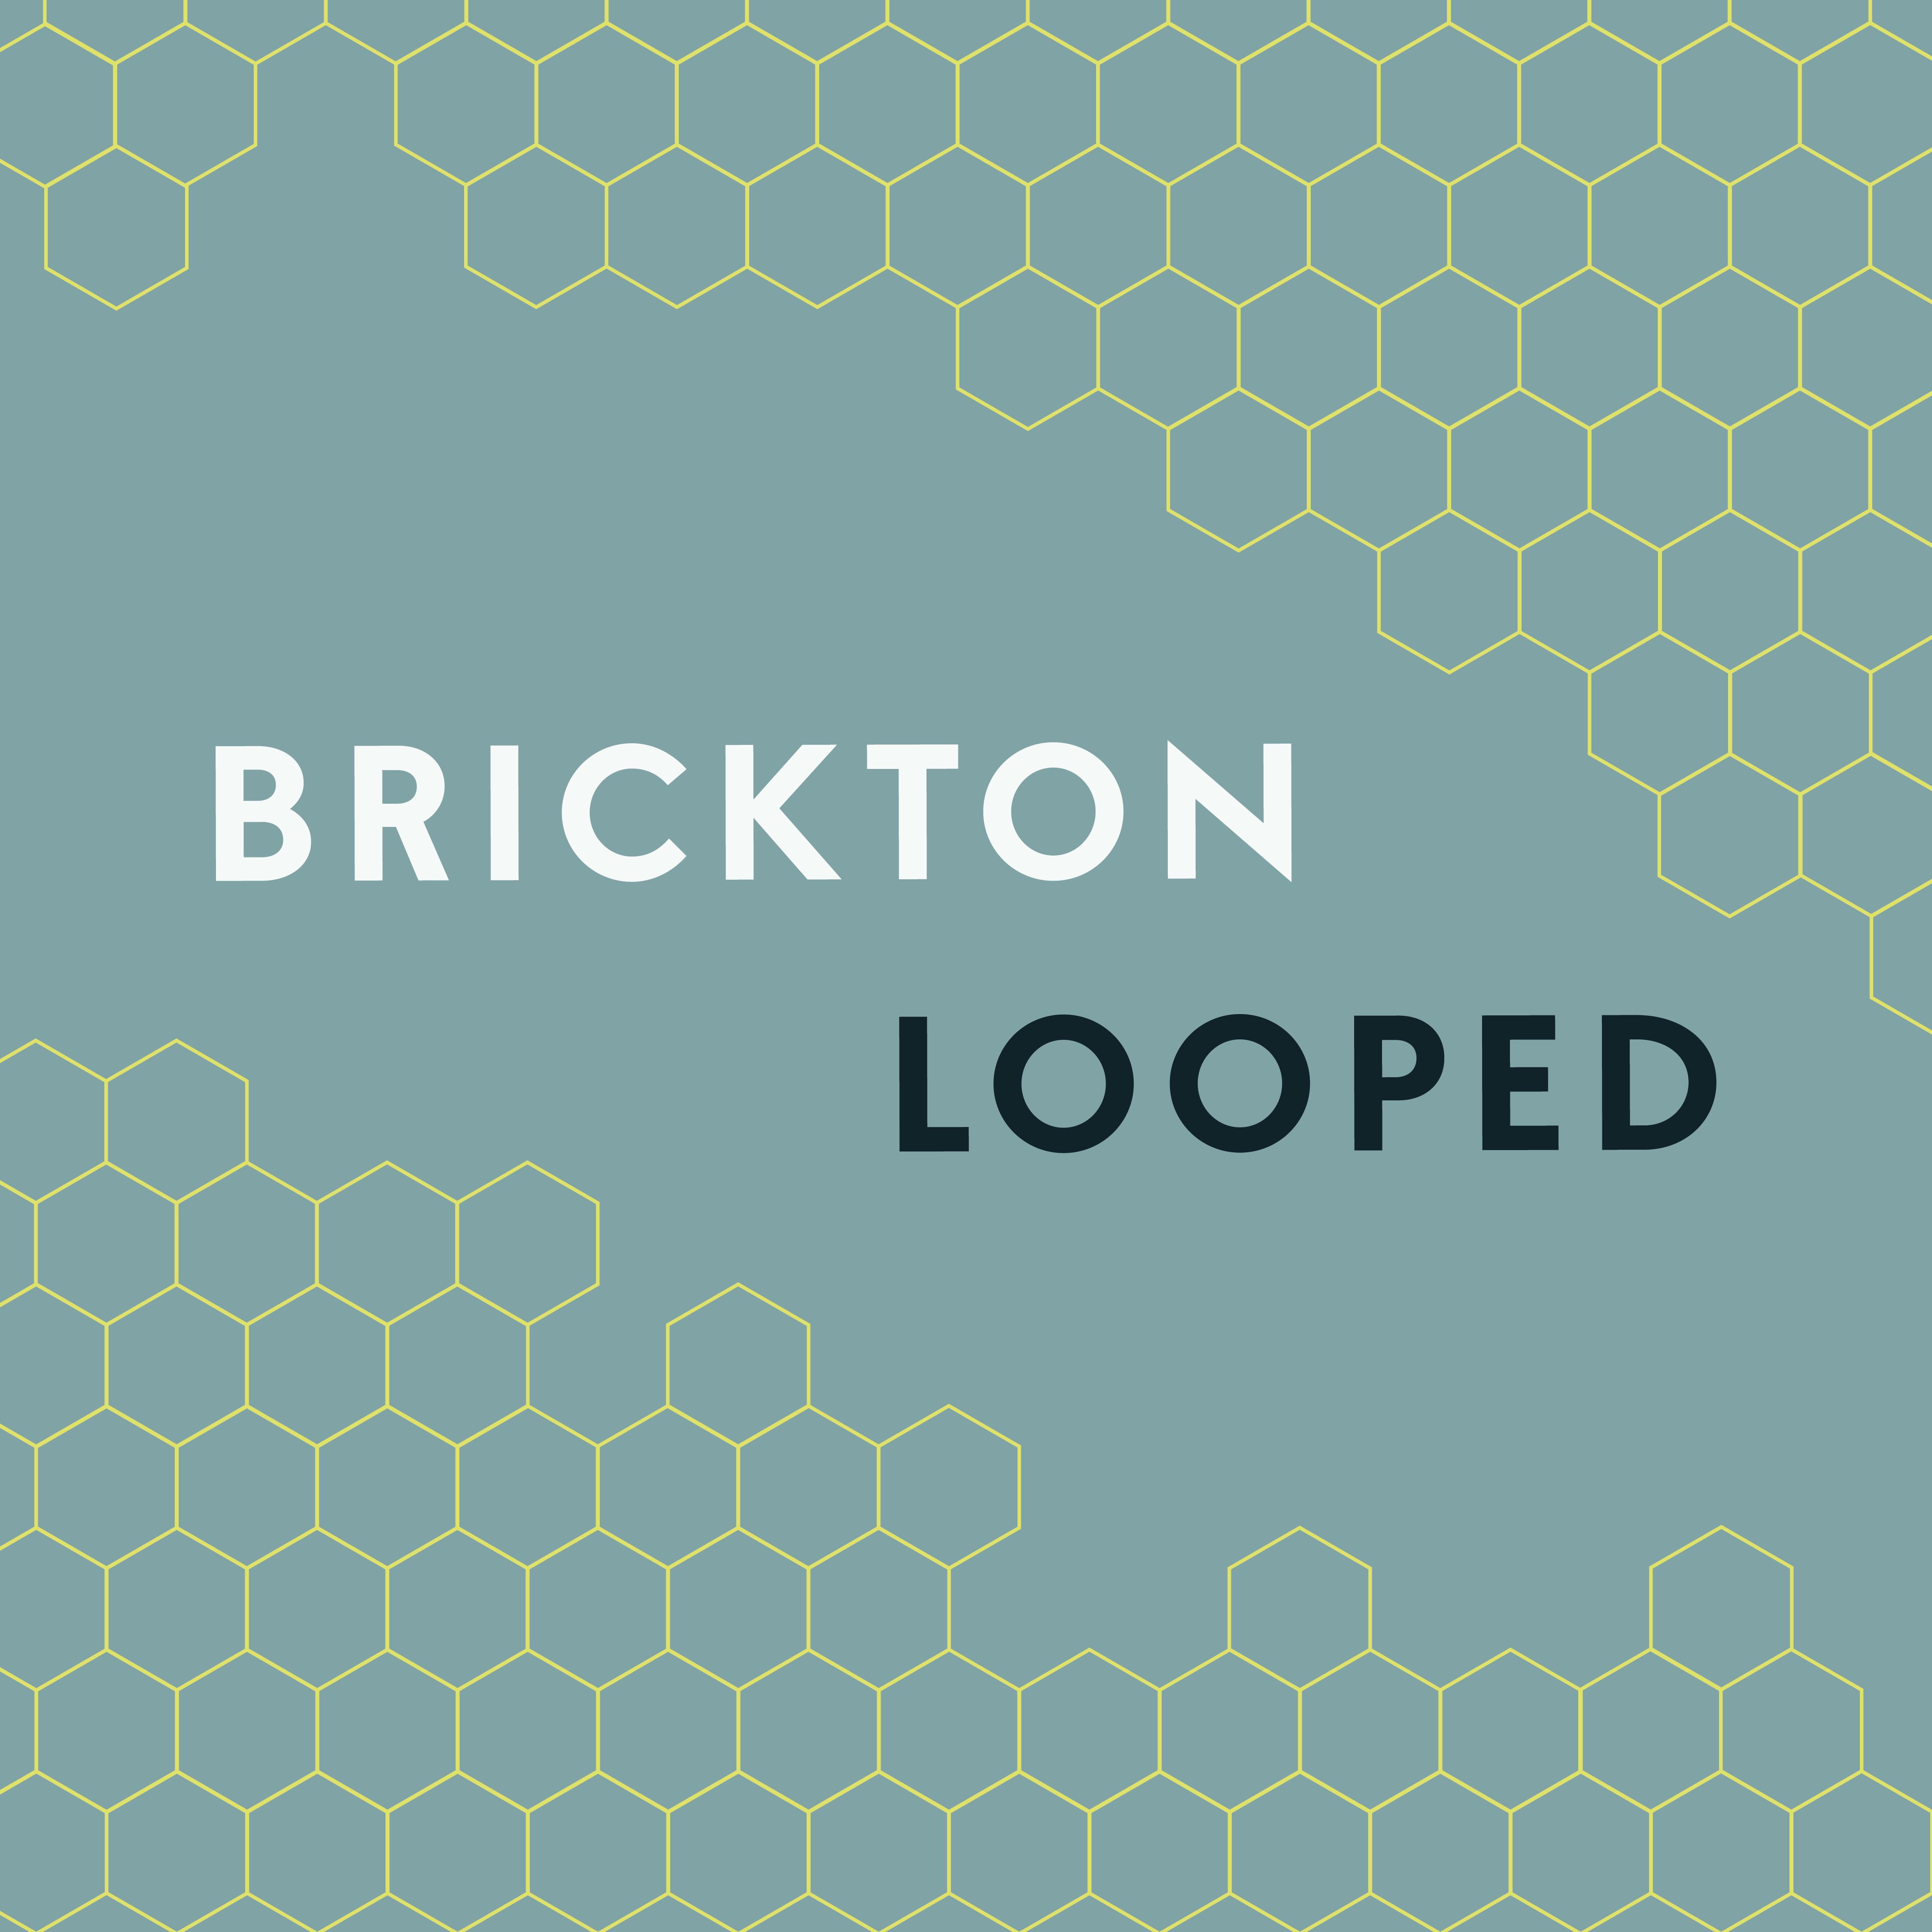 Brickton Looped – het belang van sociale interactie